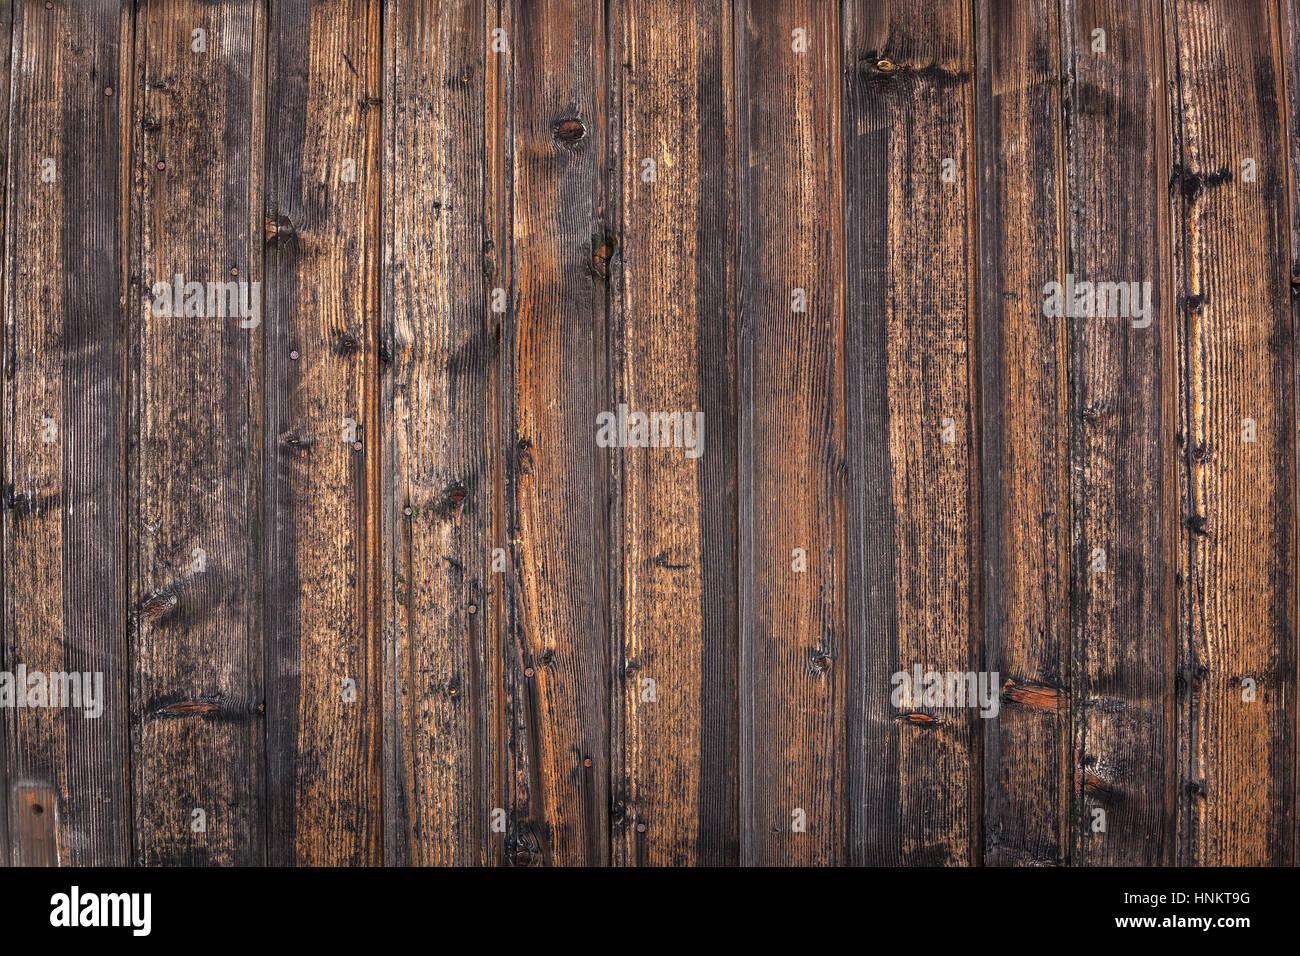 Tavole Di Legno In Legno Antico Vintage E Rosolare La Texture Della Parete Vicino Foto Stock Alamy